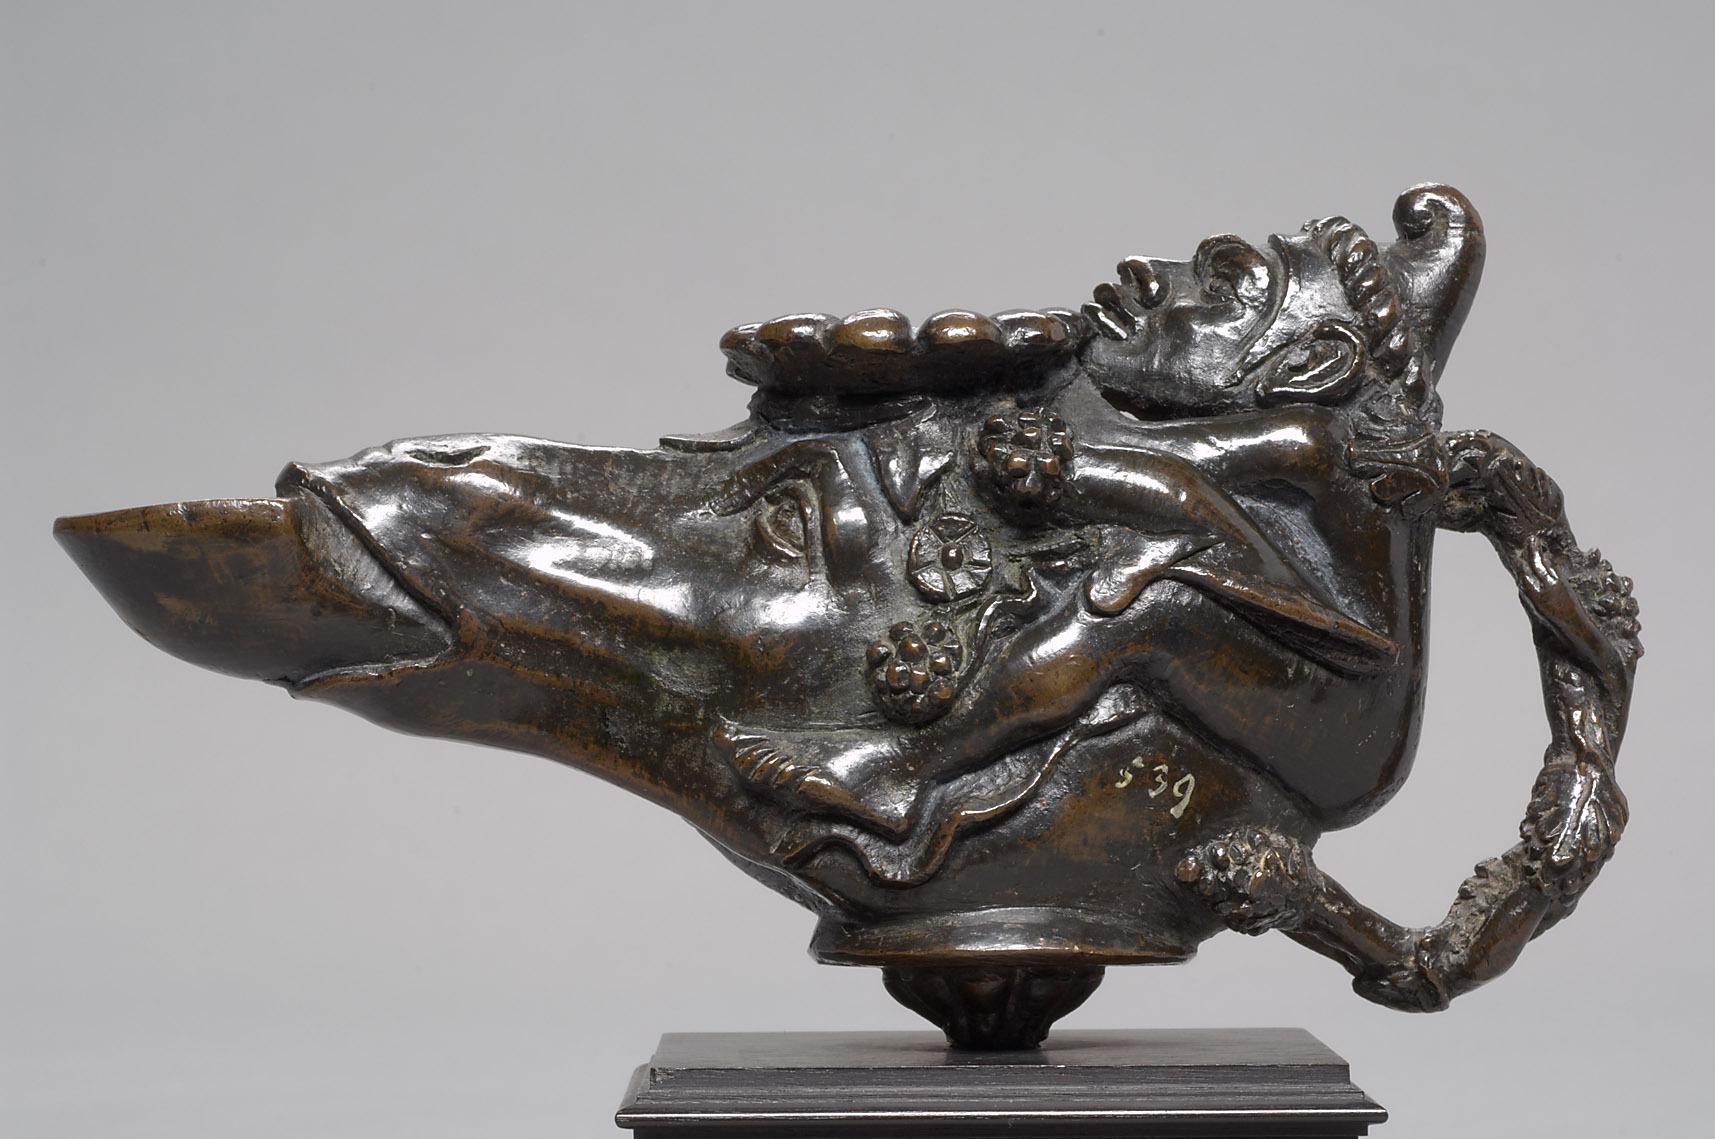 Öllampe in Gestalt eines Eselkopfes, auf dem ein Zwerg reitet von Andrea Briosco, gen. Riccio